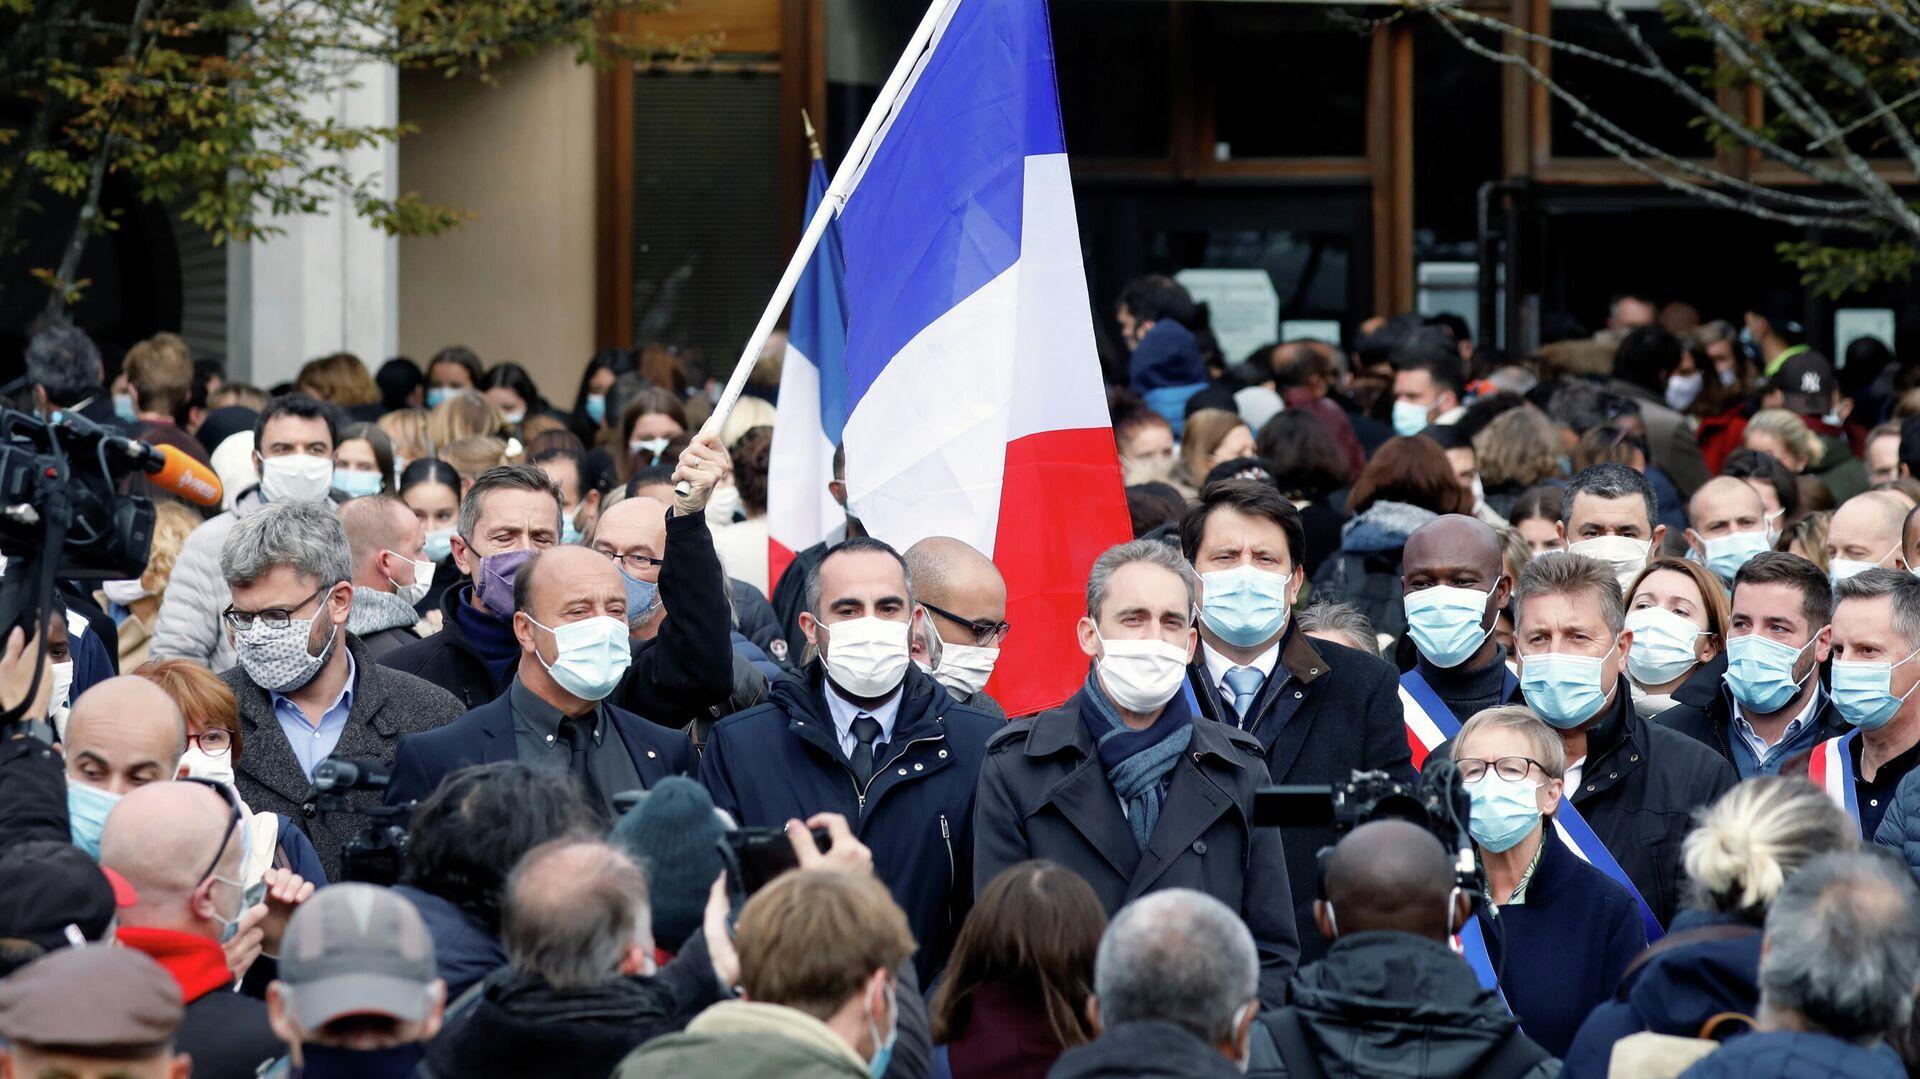 Люди собираются на месте убийства учителя в коммуне Конфлан-Сент-Онорин, Франция - РИА Новости, 1920, 19.10.2020